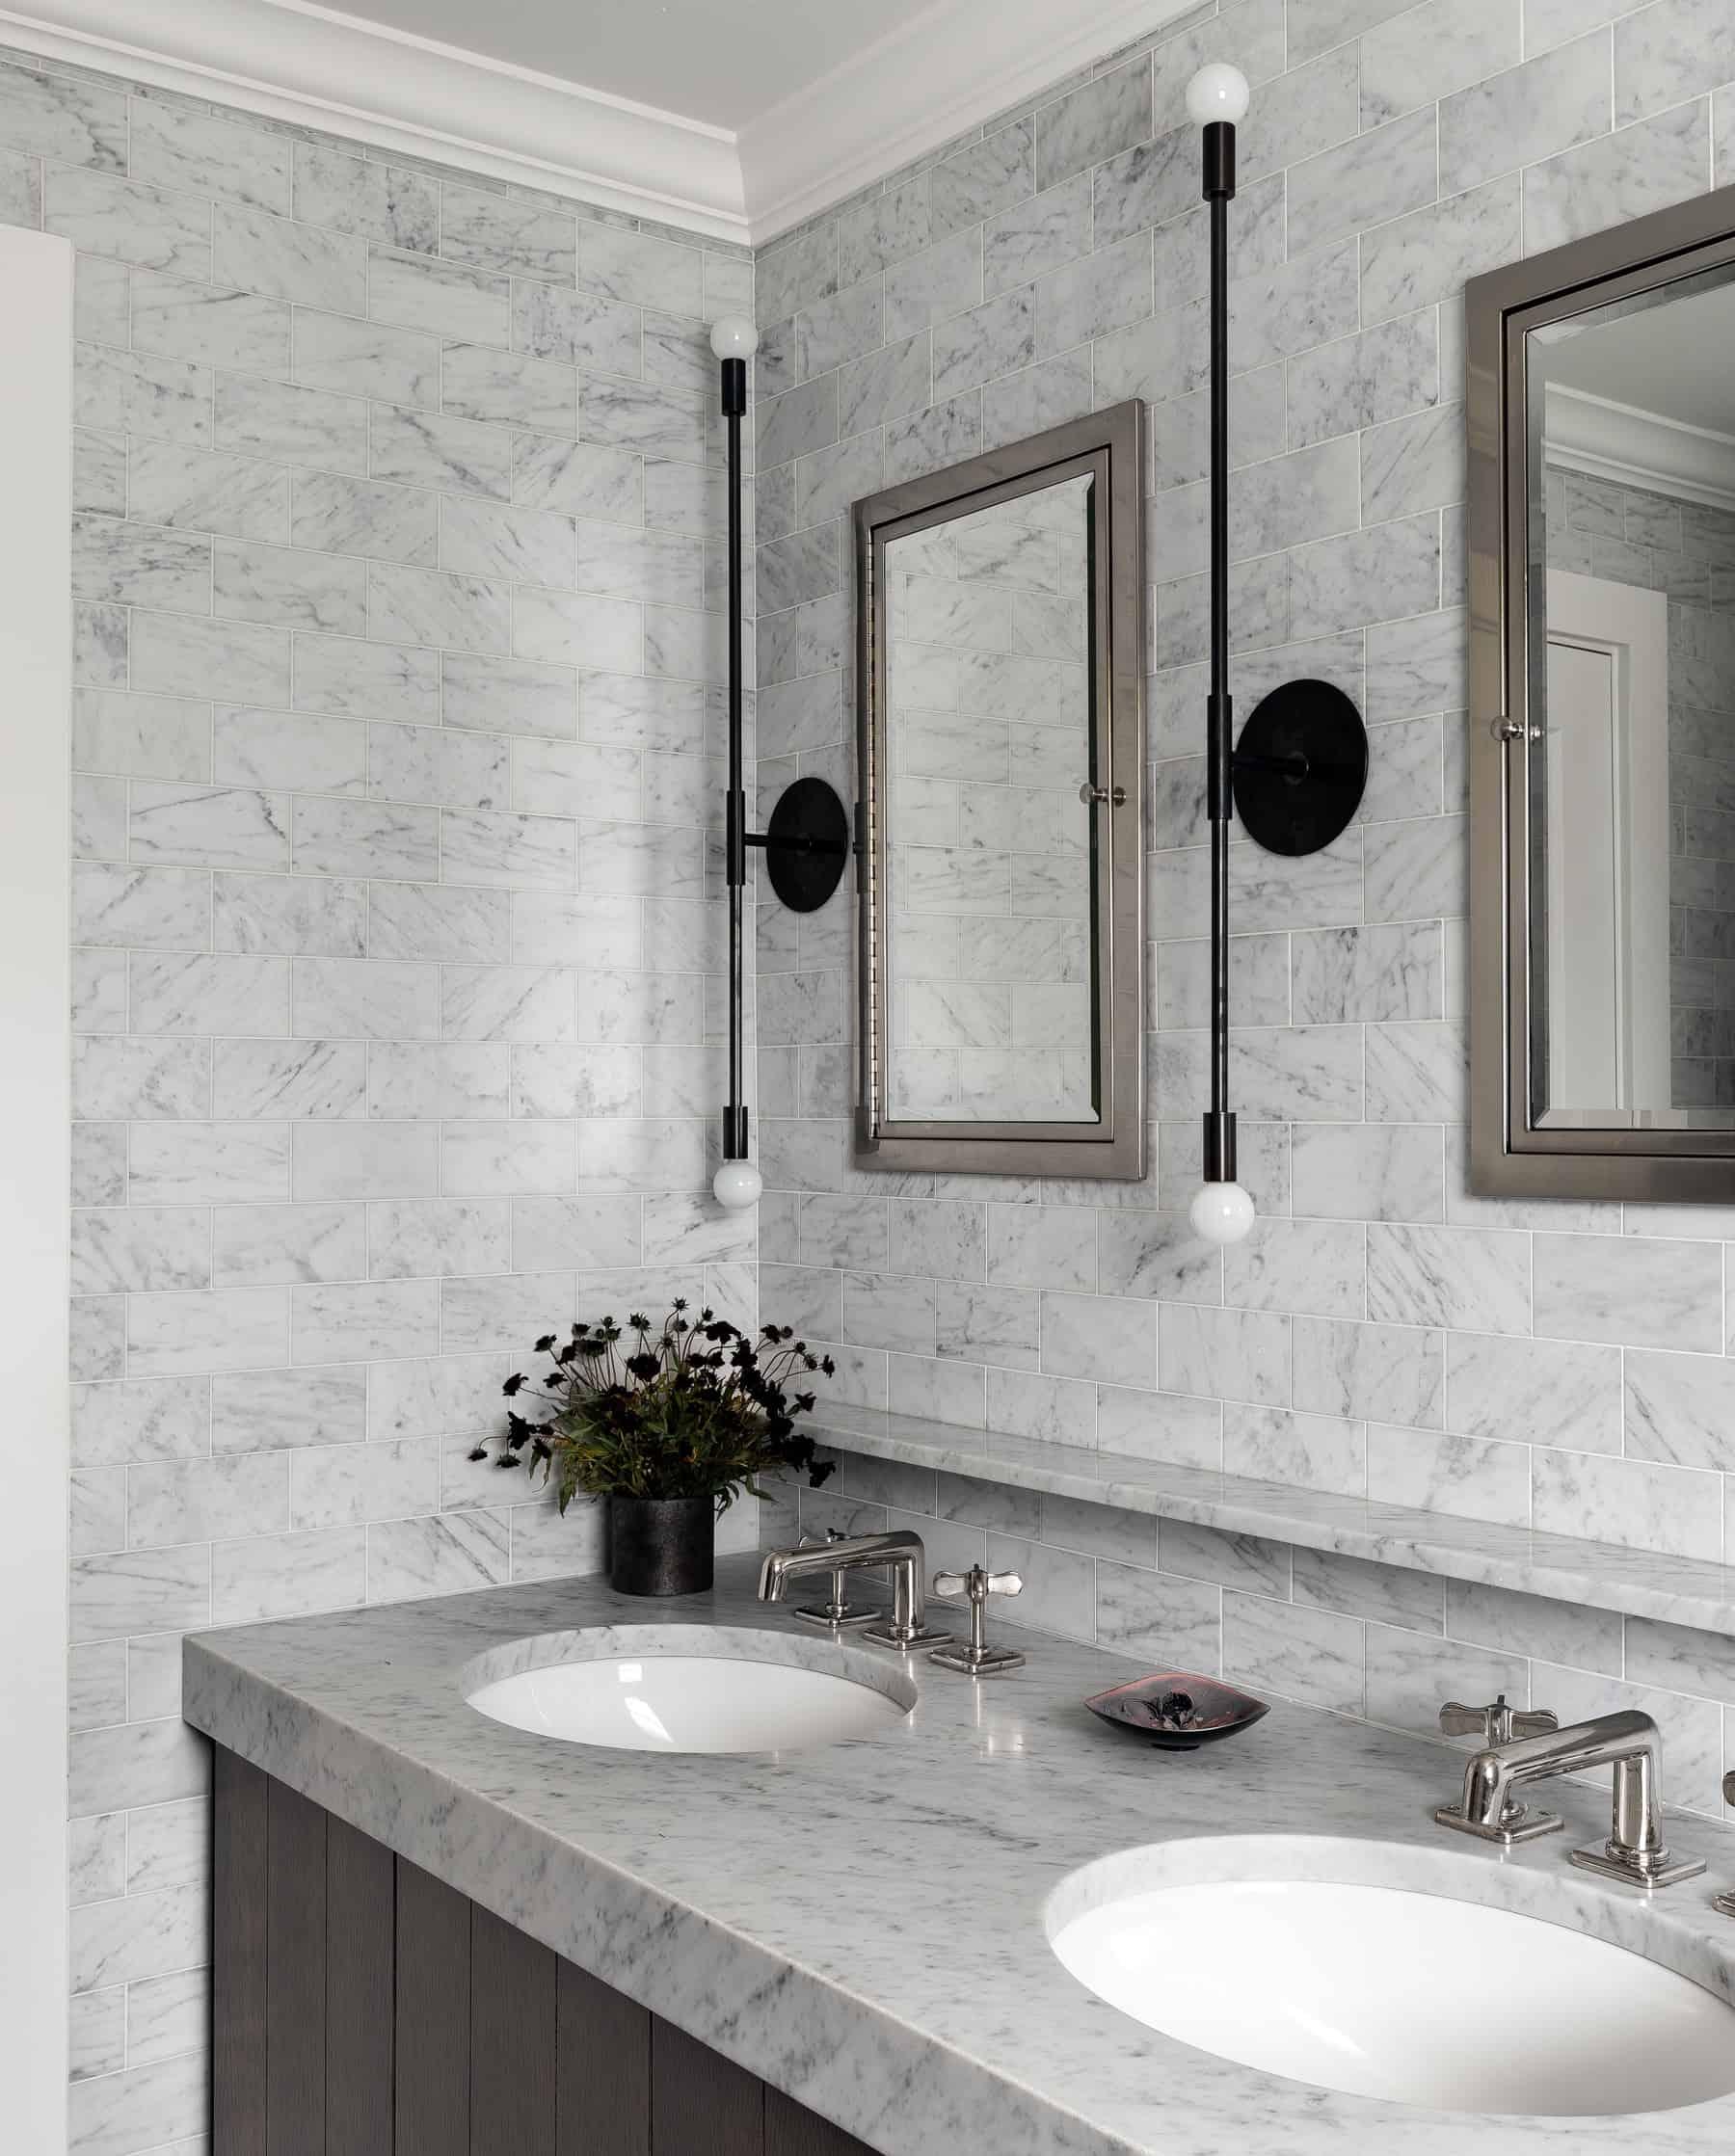 Heidi-Caillier-Design-Seattle-interior-designer-Ballard